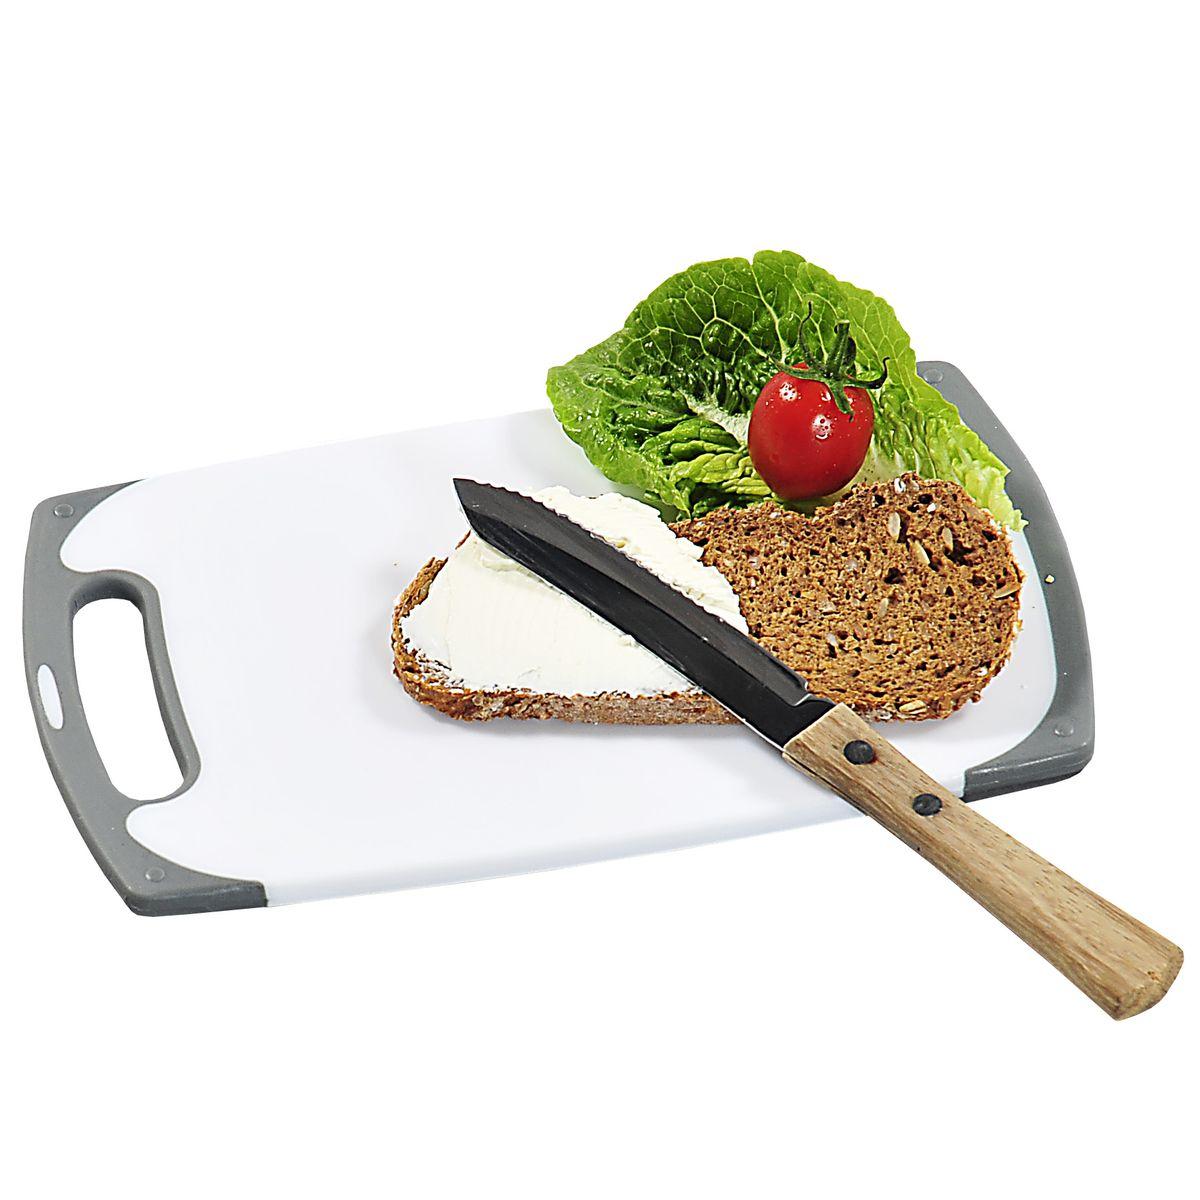 Доска разделочная, пластик 25х15 см3075-4Доска разделочная, изготовленная из пищевого пластика, займет достойное место среди аксессуаров на вашей кухне. Она прекрасно подойдет для нарезки любых продуктов. Доска устойчива к деформации и высоким температурам. белый/серый